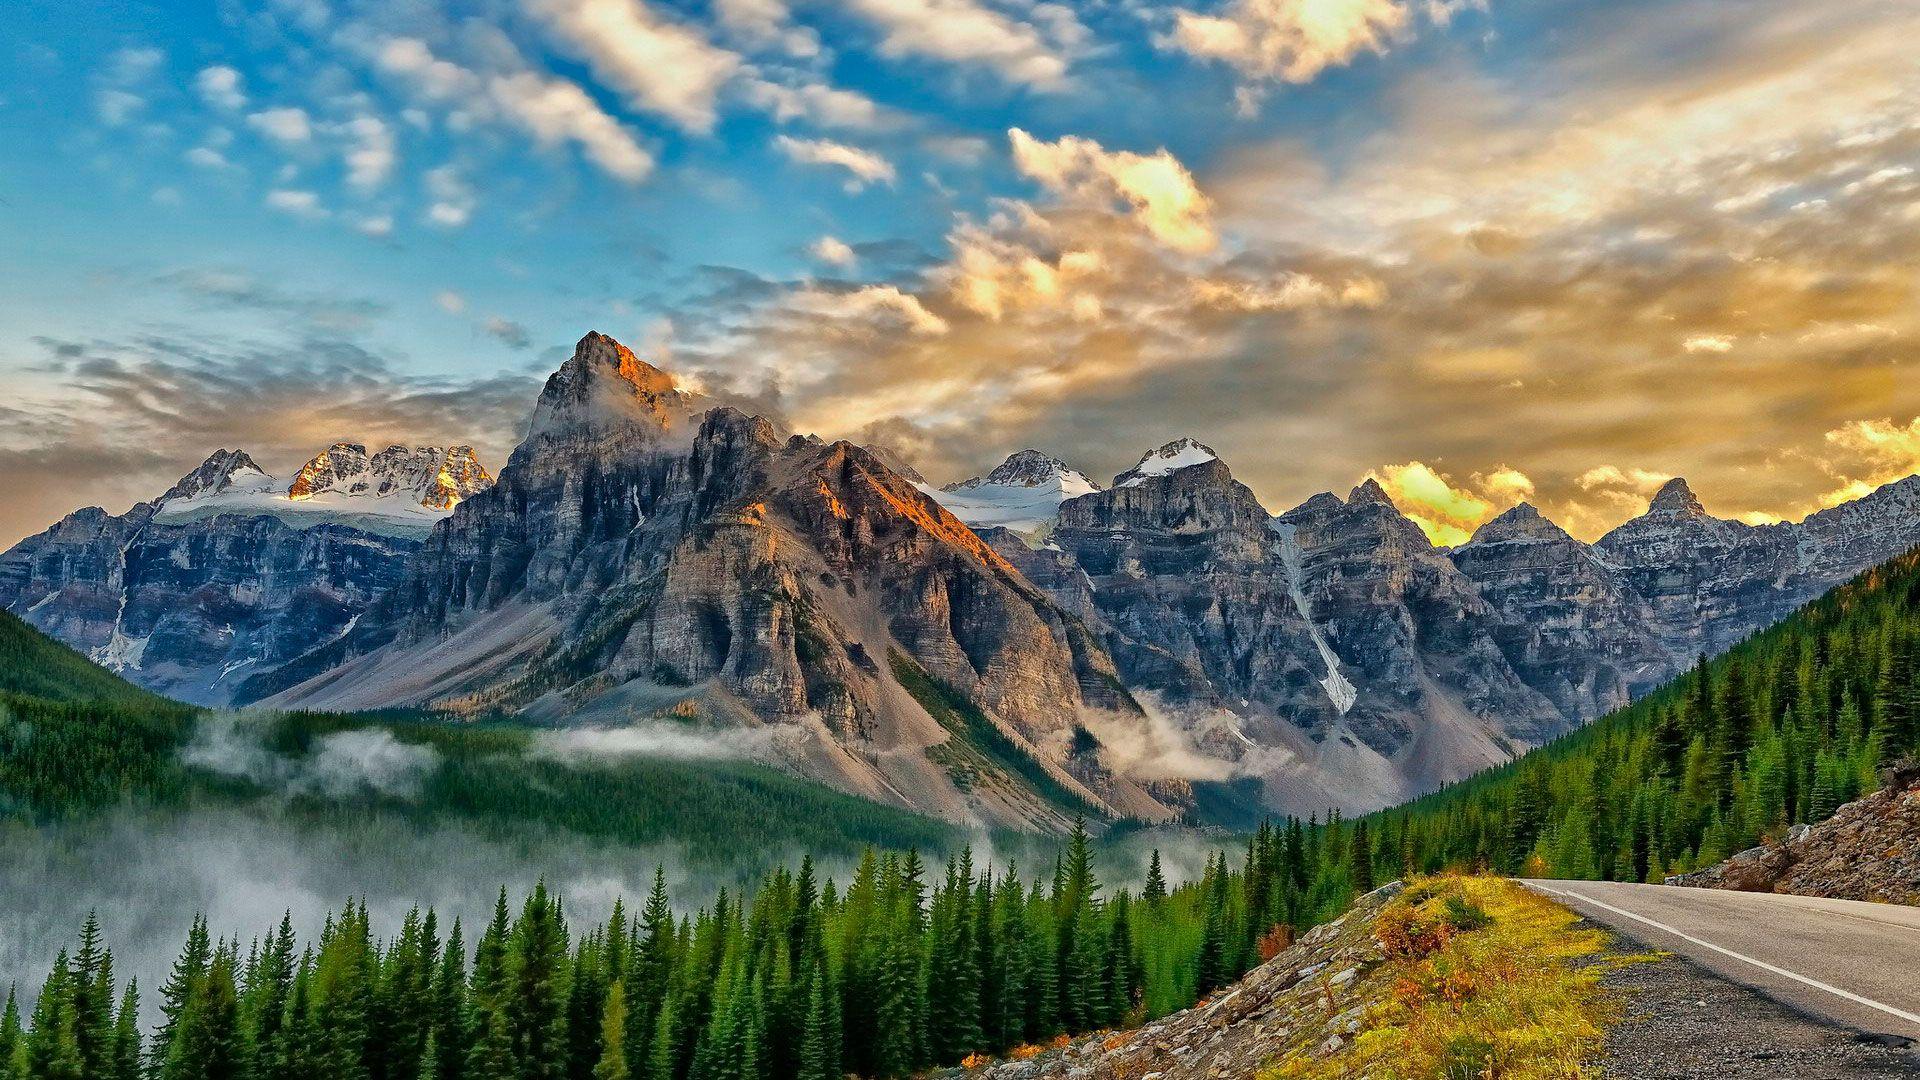 Ảnh nền phong cảnh thiên nhiên